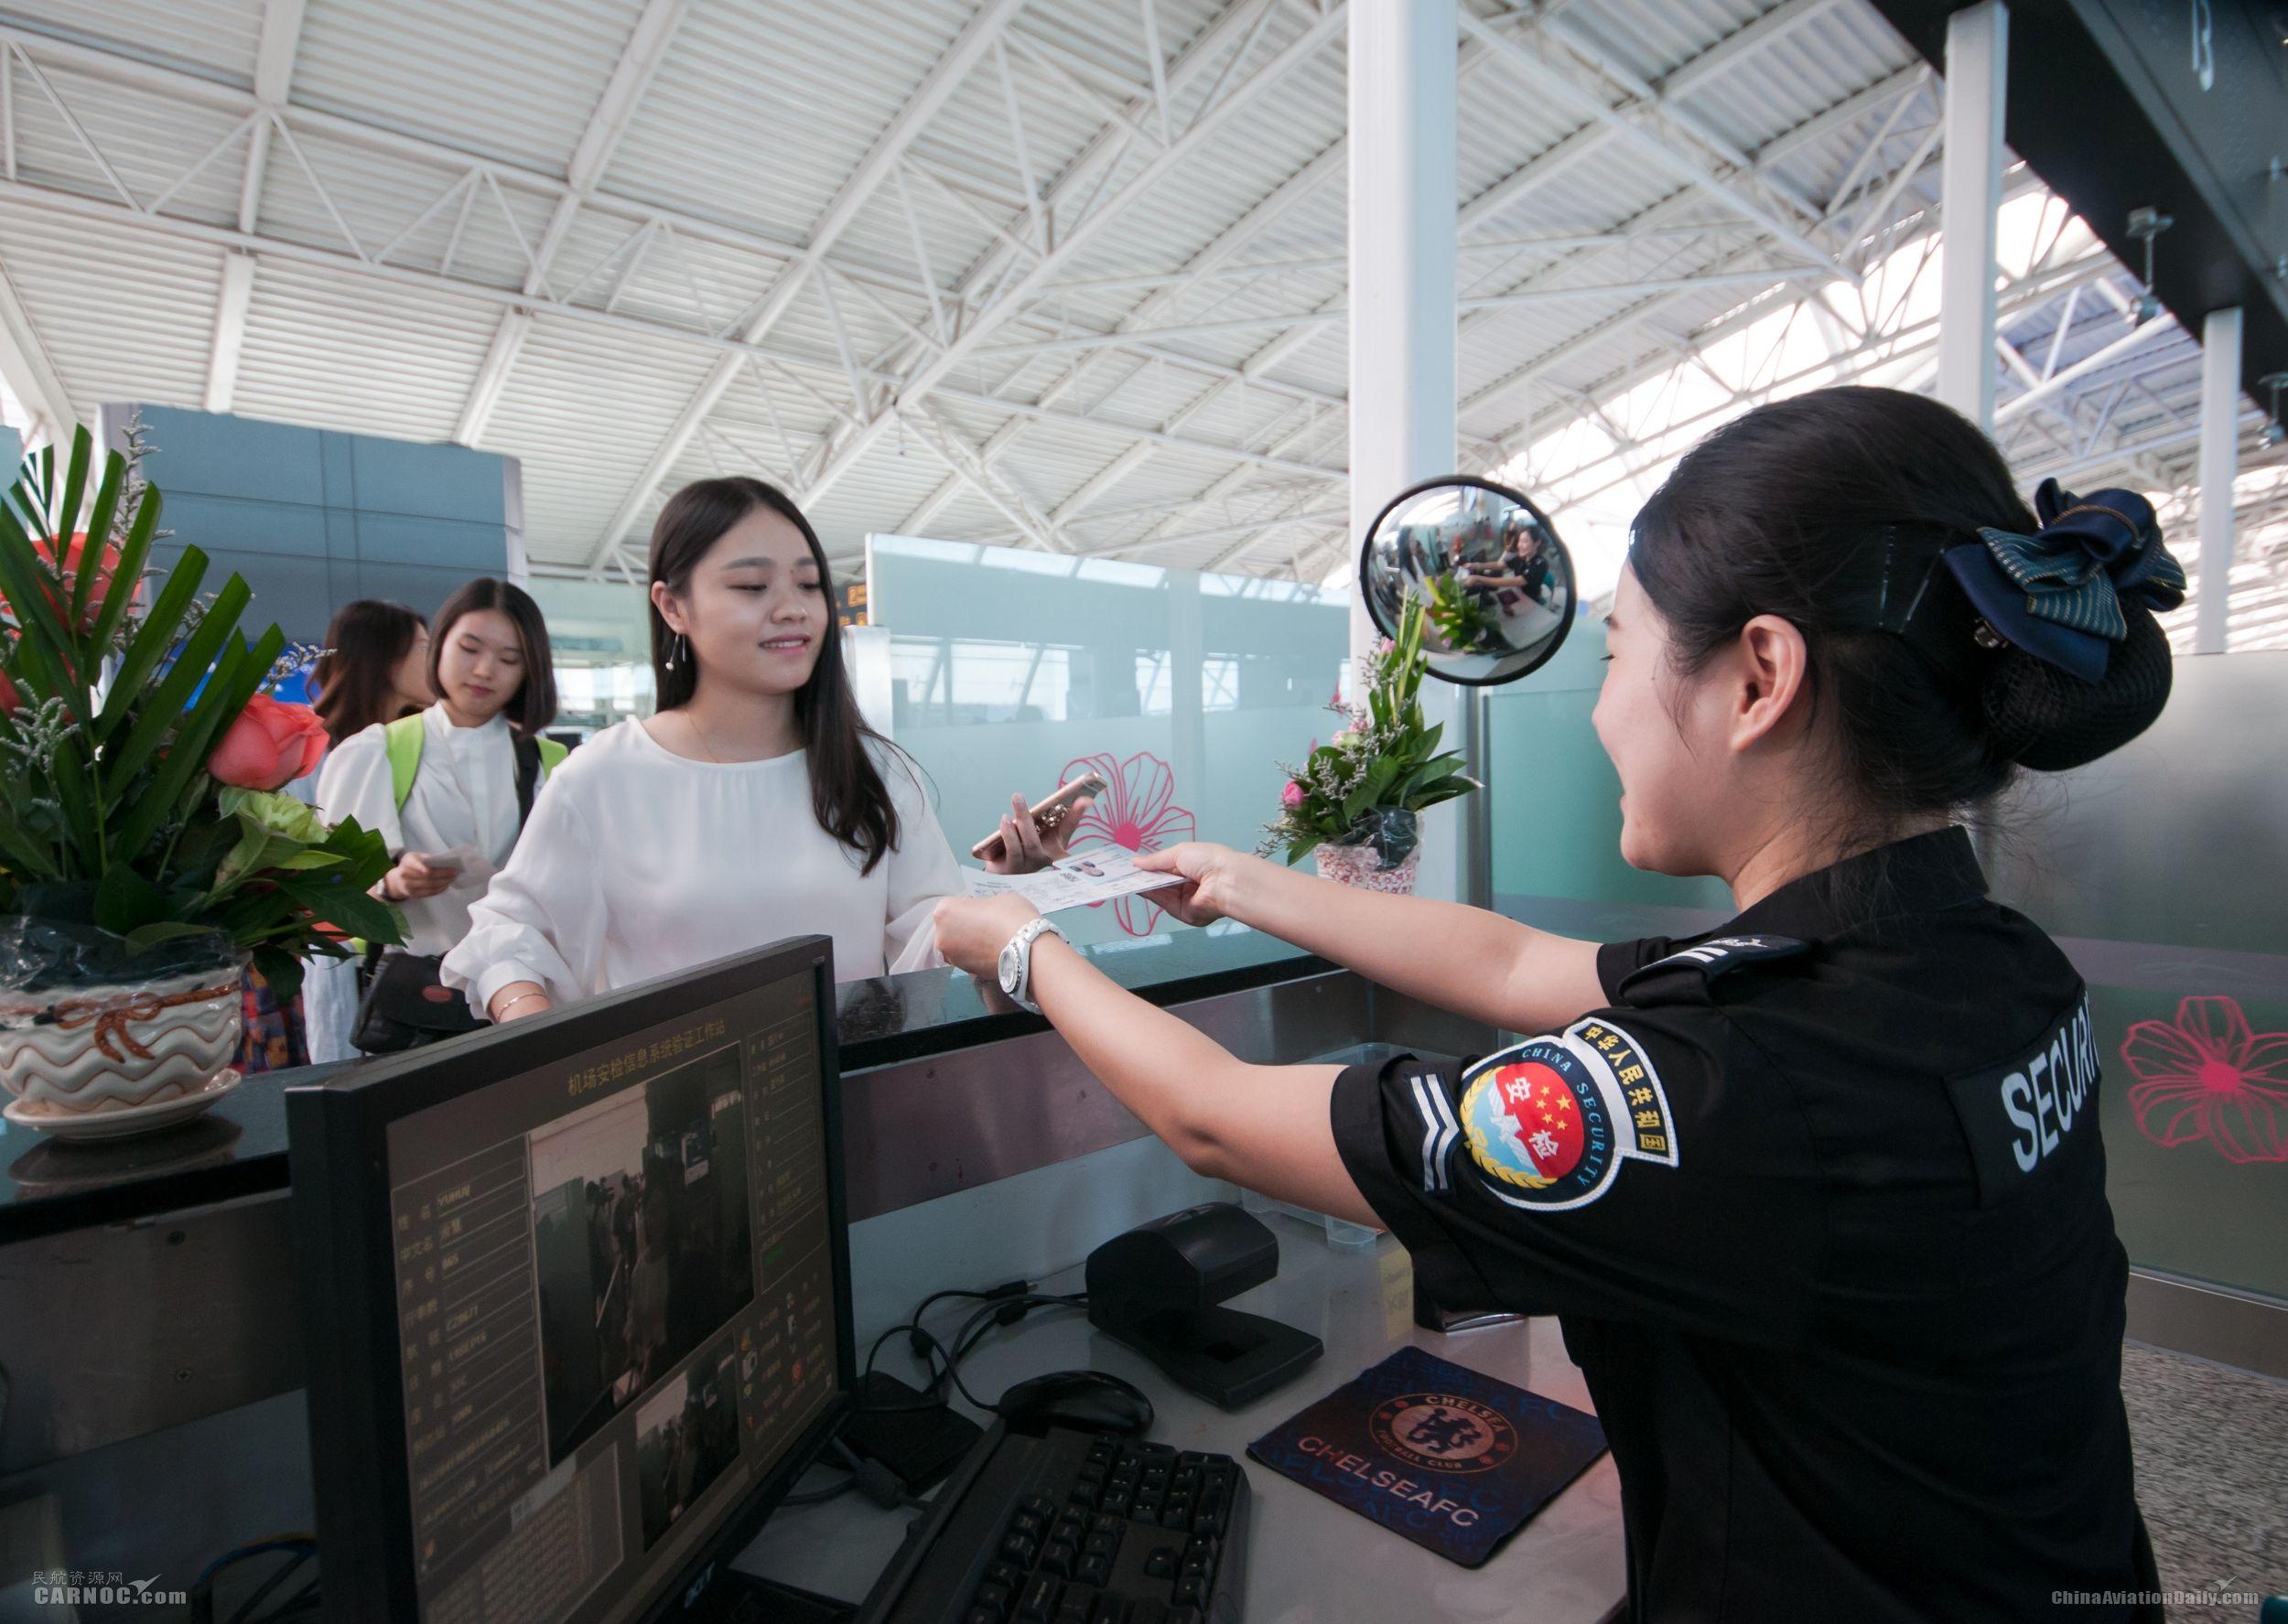 白云机场:9月2日至6日安检升级 乘机请提早